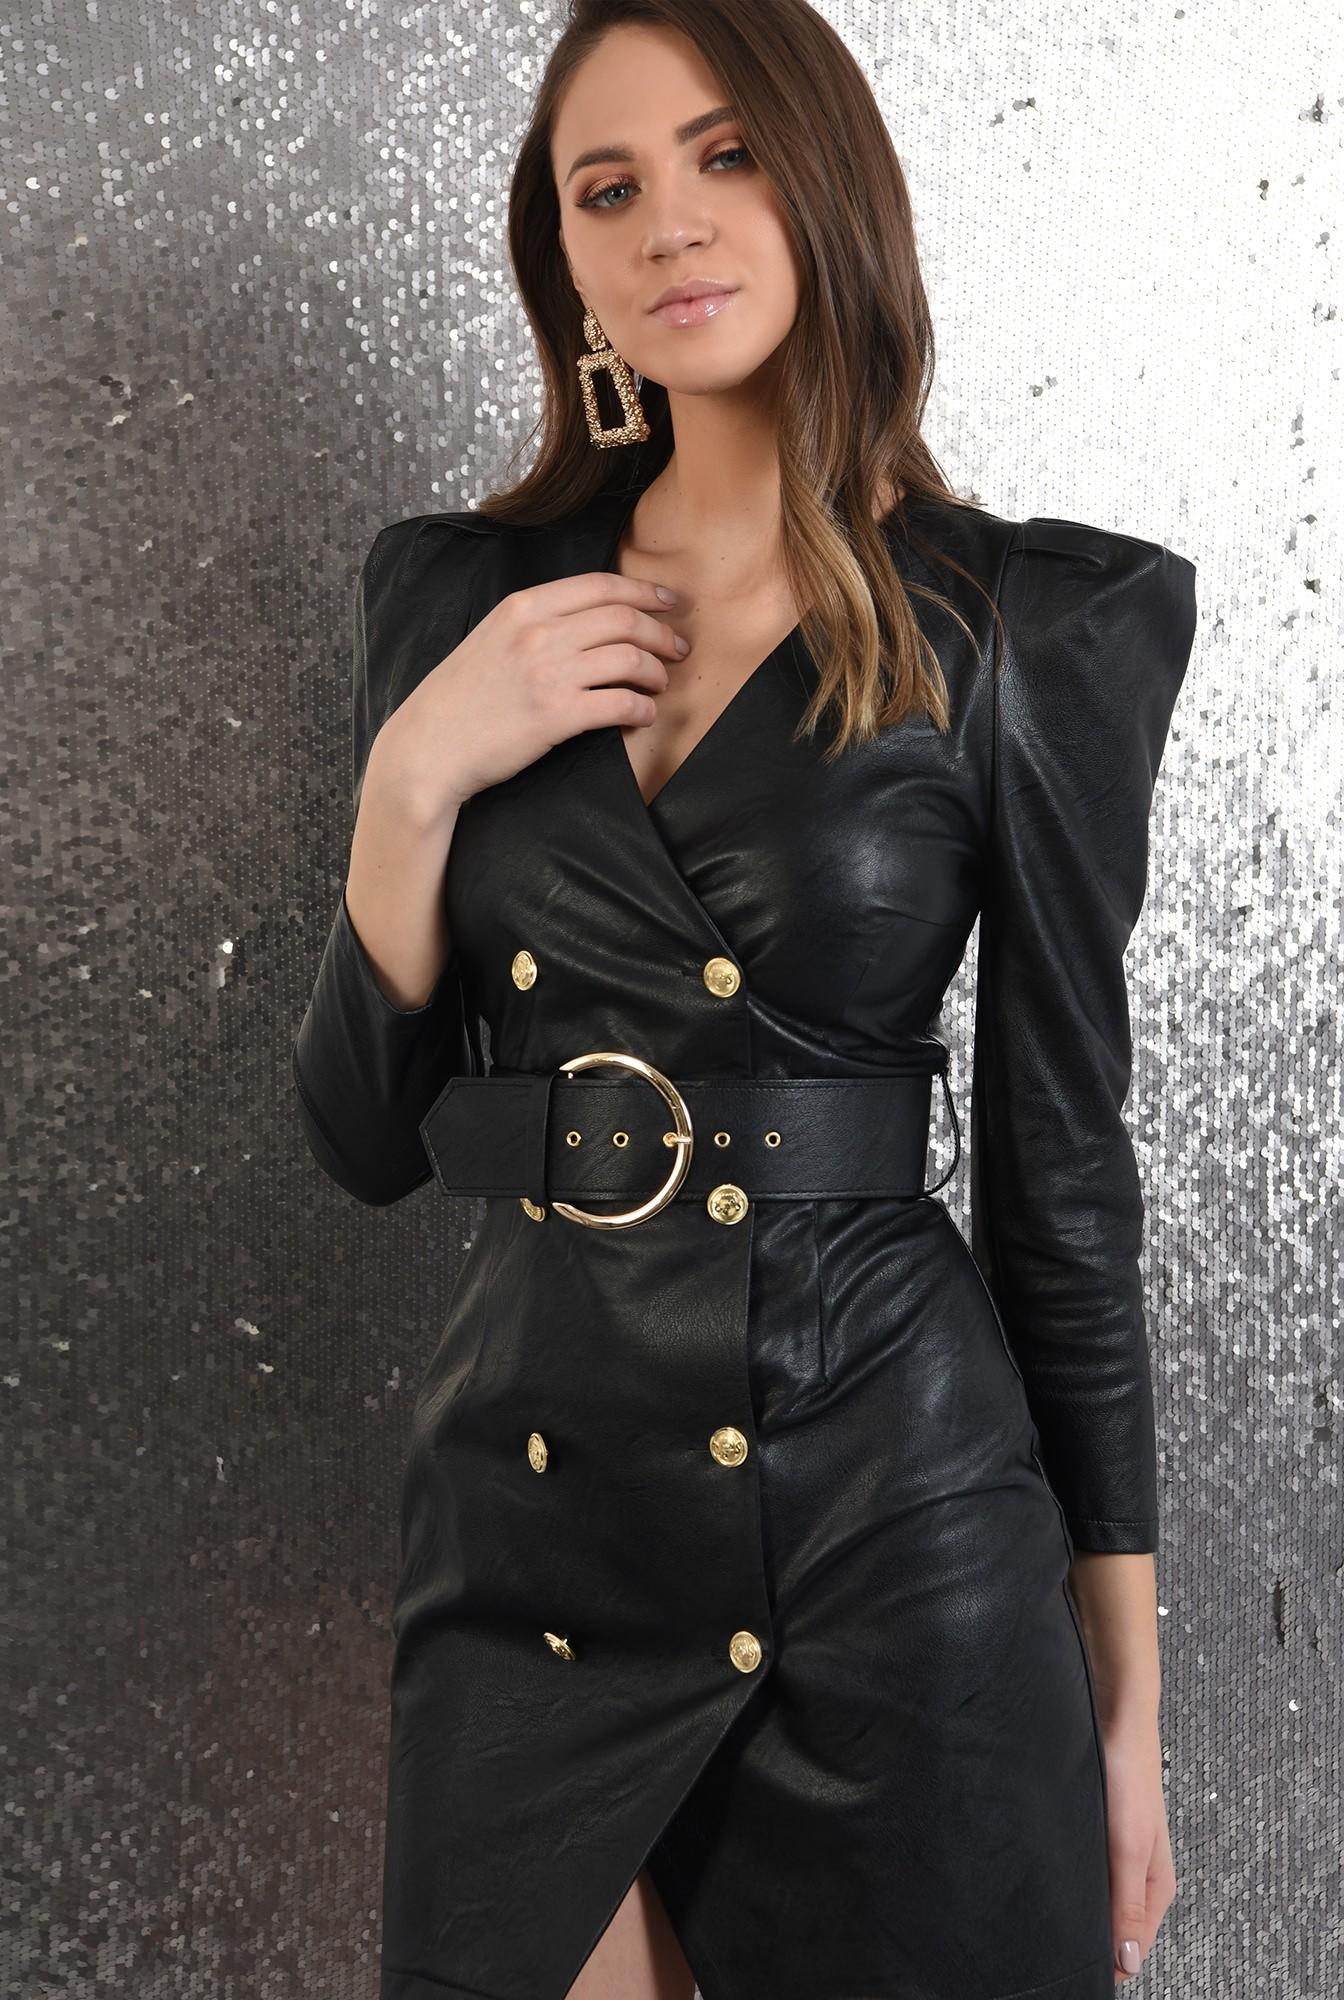 2 - rochie neagra, scurta, cambrata, piele, cu centura